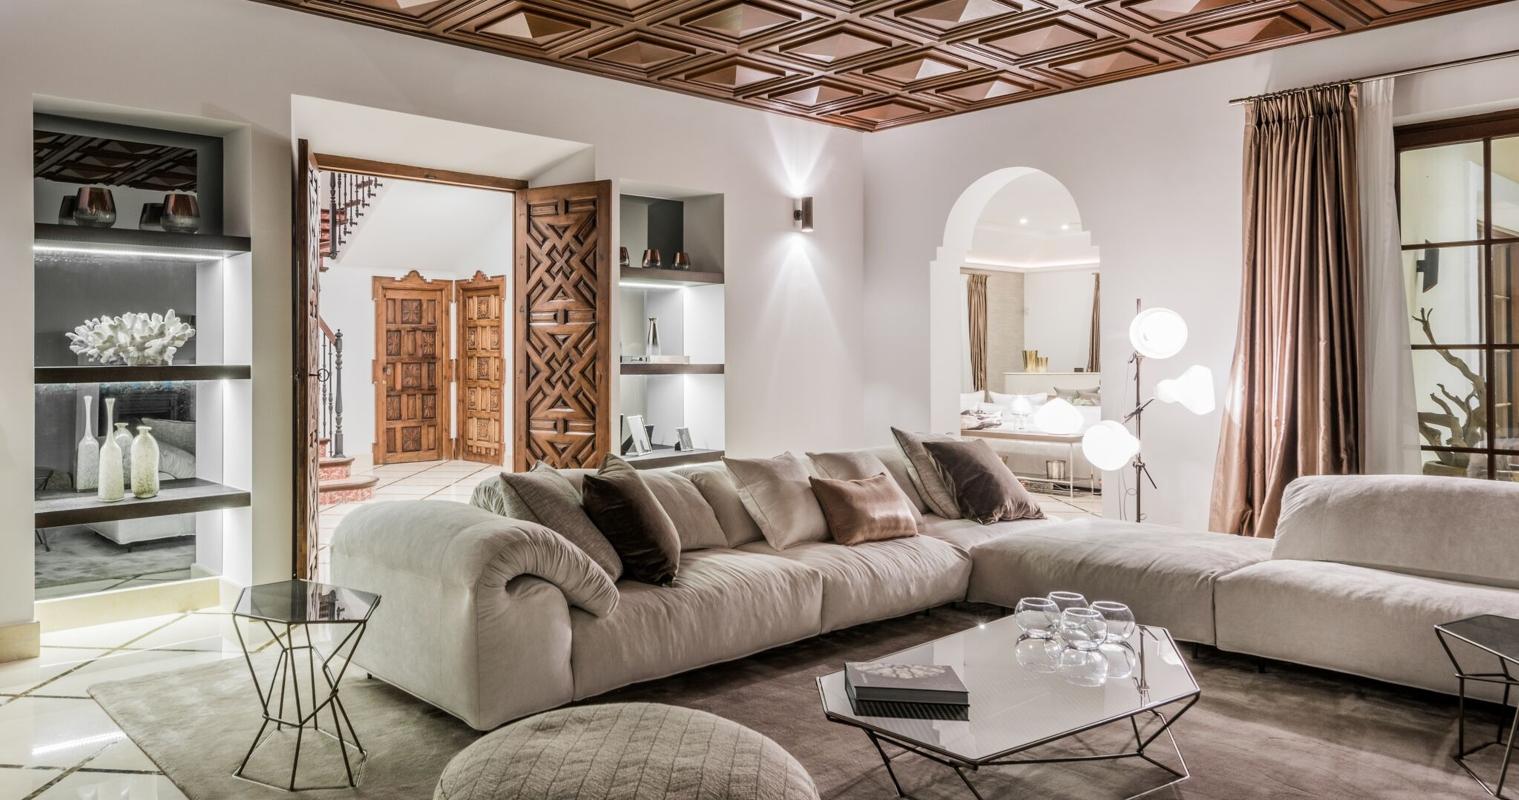 Diseño de Interiores: Ambience Home Design un estudio que crea proyectos lujuosos en Marbella diseño de interiores Diseño de Interiores: Ambience Home Design un estudio que crea proyectos lujuosos en Marbella Featured 8